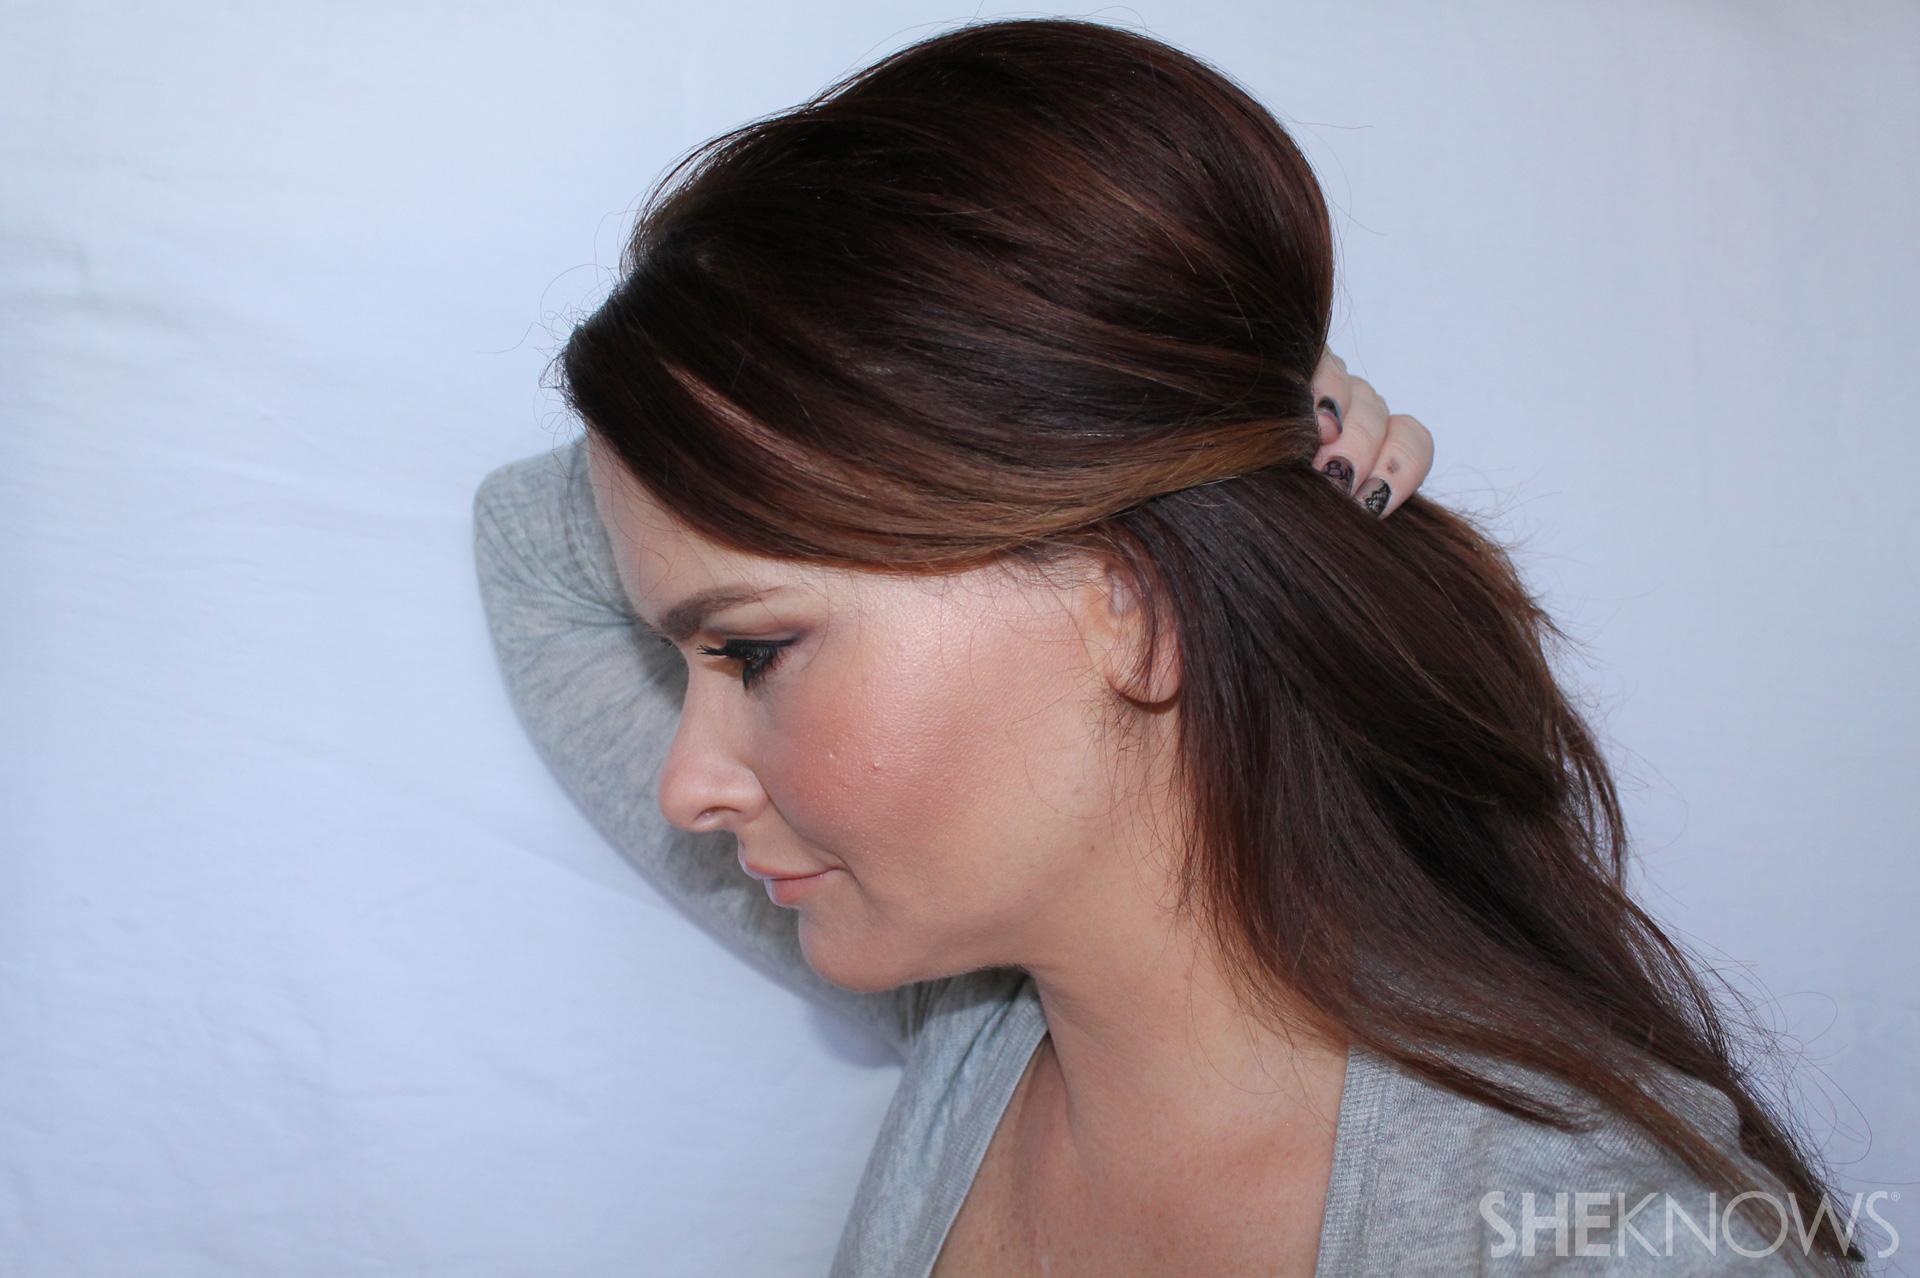 Thin hair tutorial | Sheknows.com - step 08